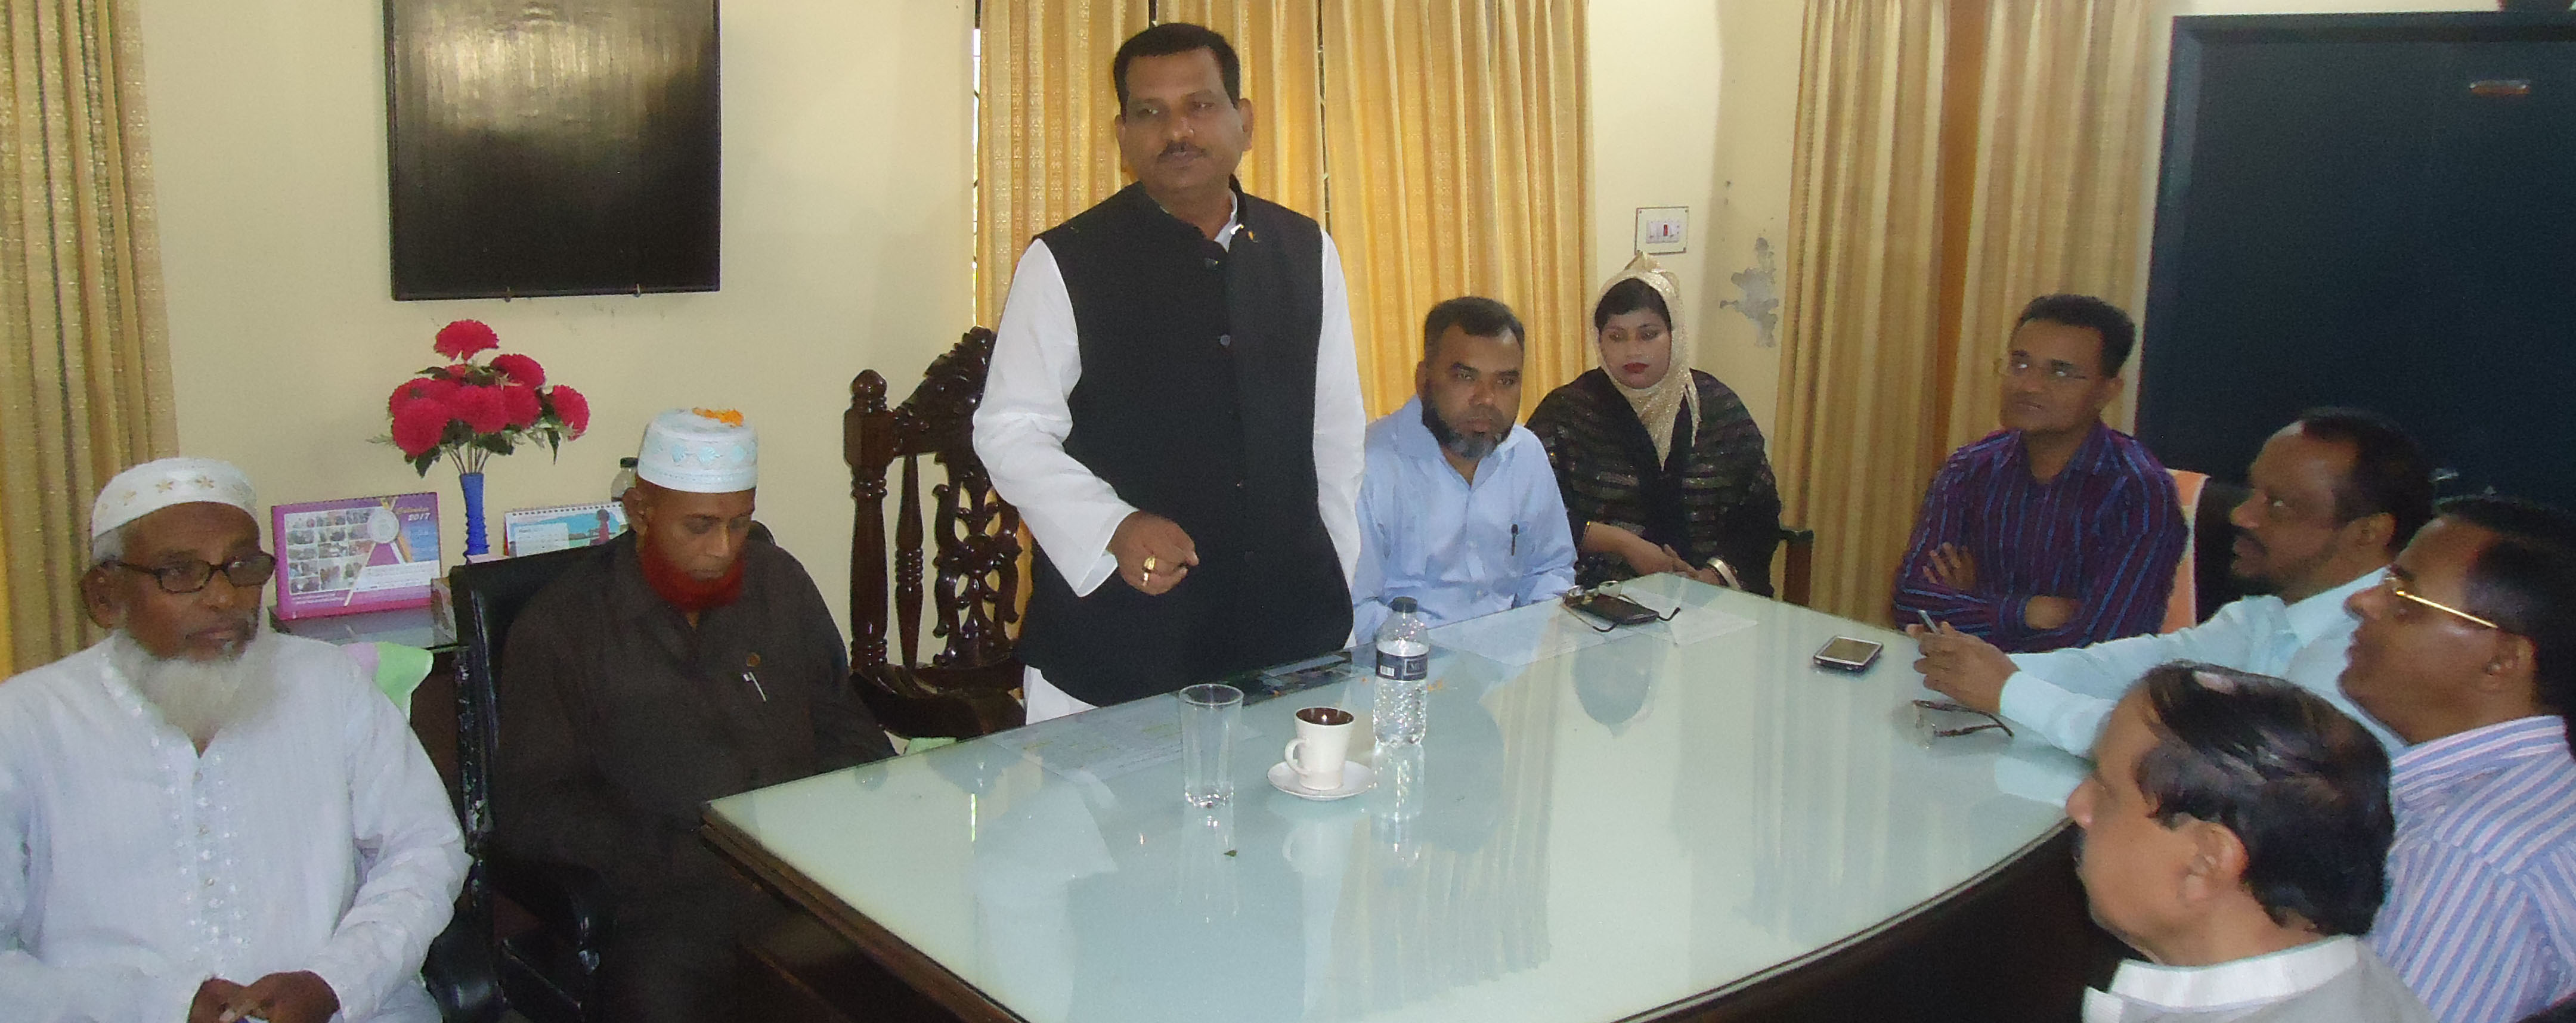 বোর্ড চেয়ারম্যানের সাথে ডিবি খান হোমিওপ্যাথিক মেডিকেল কলেজ নেতৃবৃন্দের মতবিনিময়